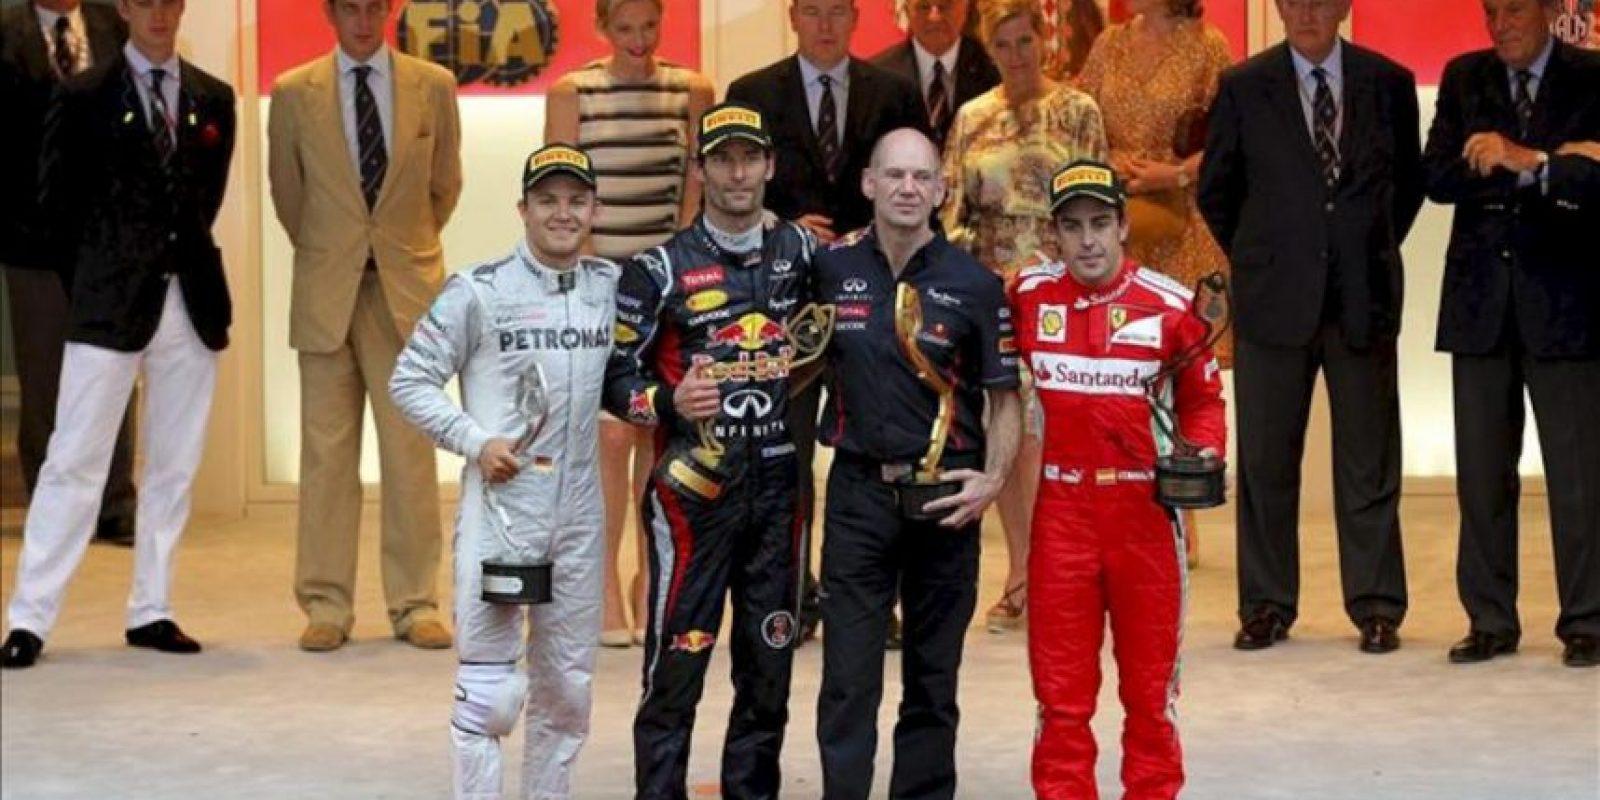 El piloto australiano de Fórmula Uno, Mark Webber (2i), de la escudería Red Bull, acompañado del jefe de diseño del equipo Red Bull, Adrian Newey (2d), el piloto alemán, Nico Rosberg (i) de Mercedes AMG, y el piloto español Fernando Alonso (d) de Ferrari. EFE